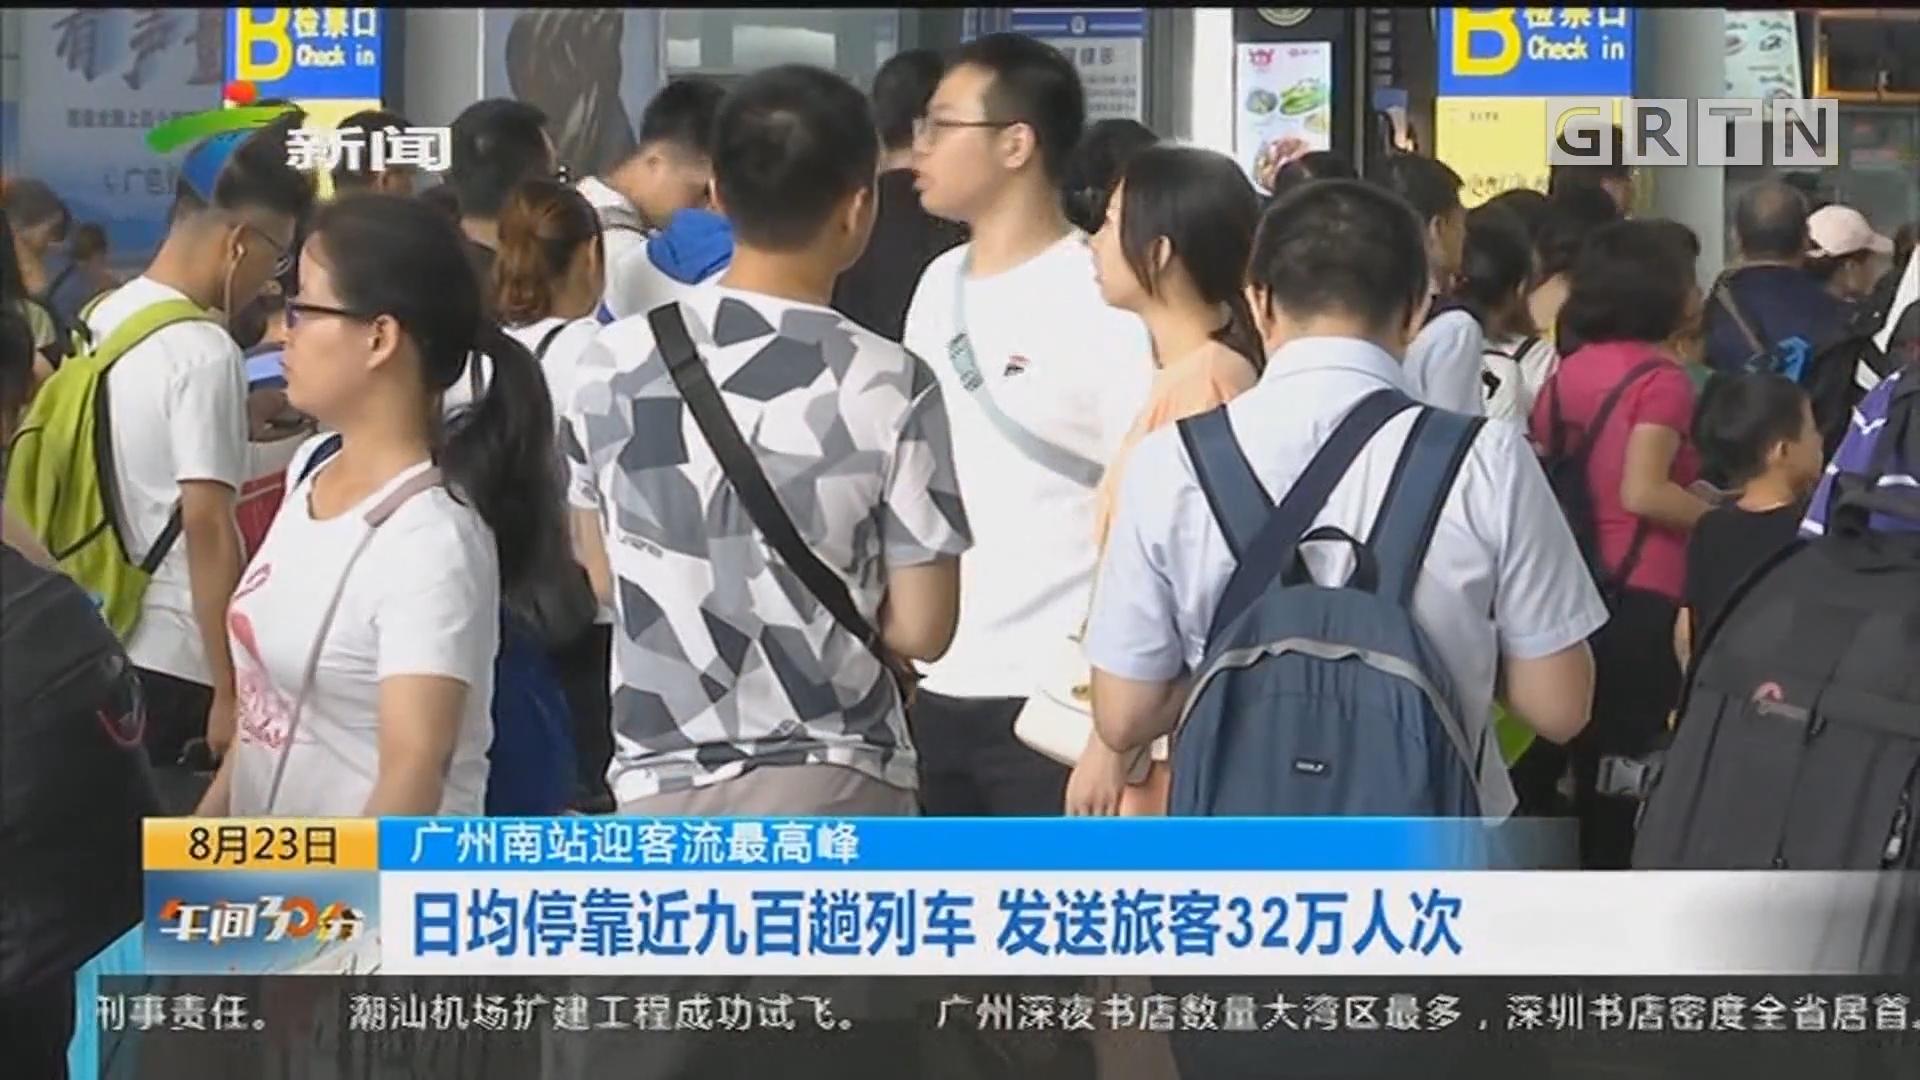 广州南站迎客流最高峰:日均停靠近九百趟列车 发送旅客32万人次